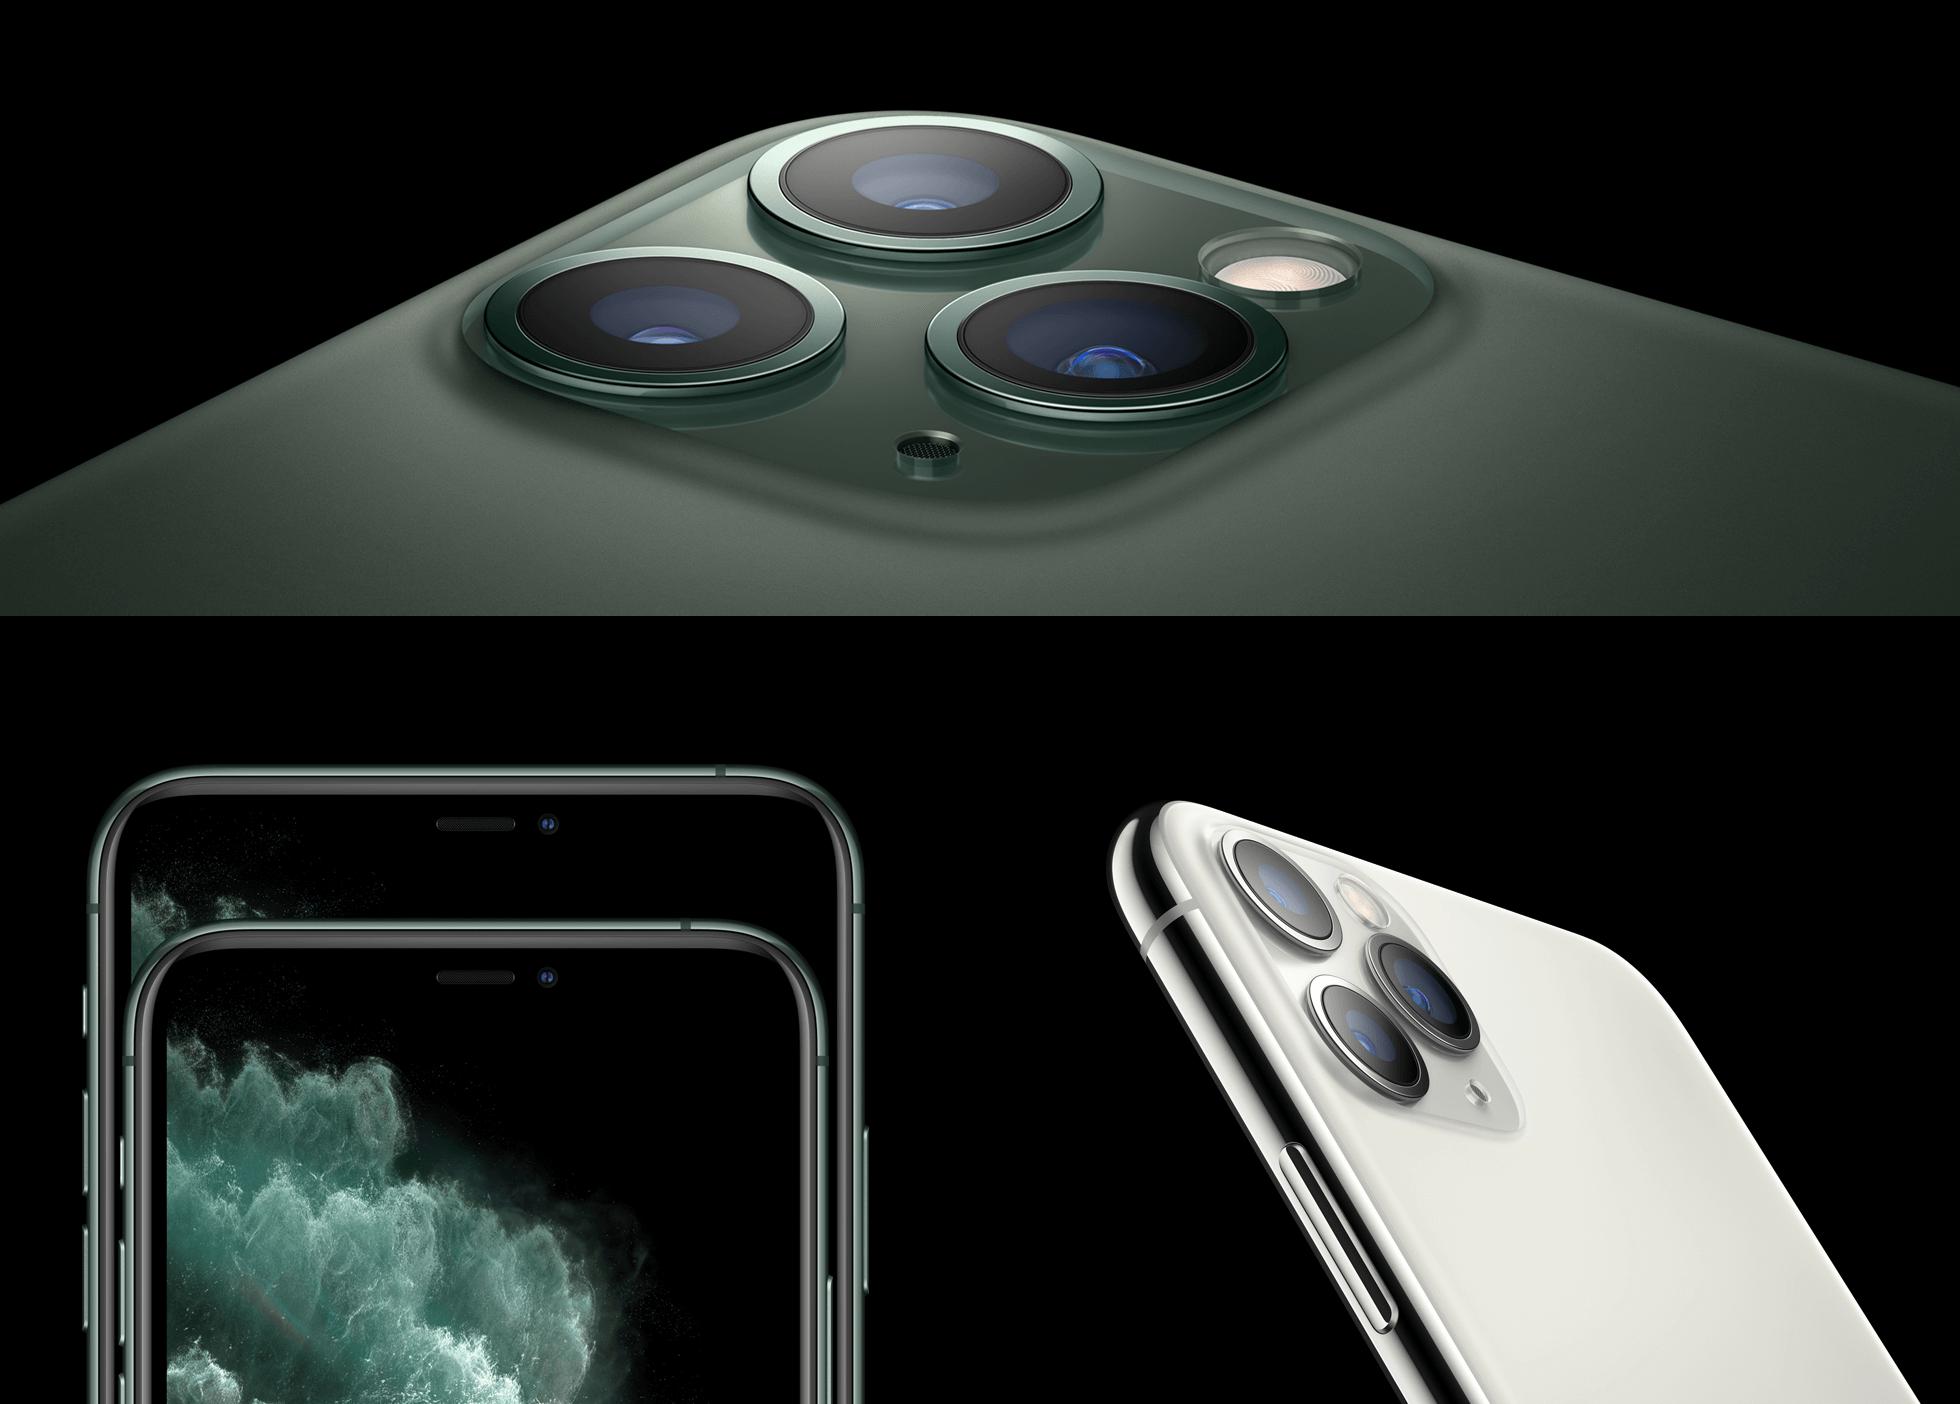 iPhone 11 Pro Design